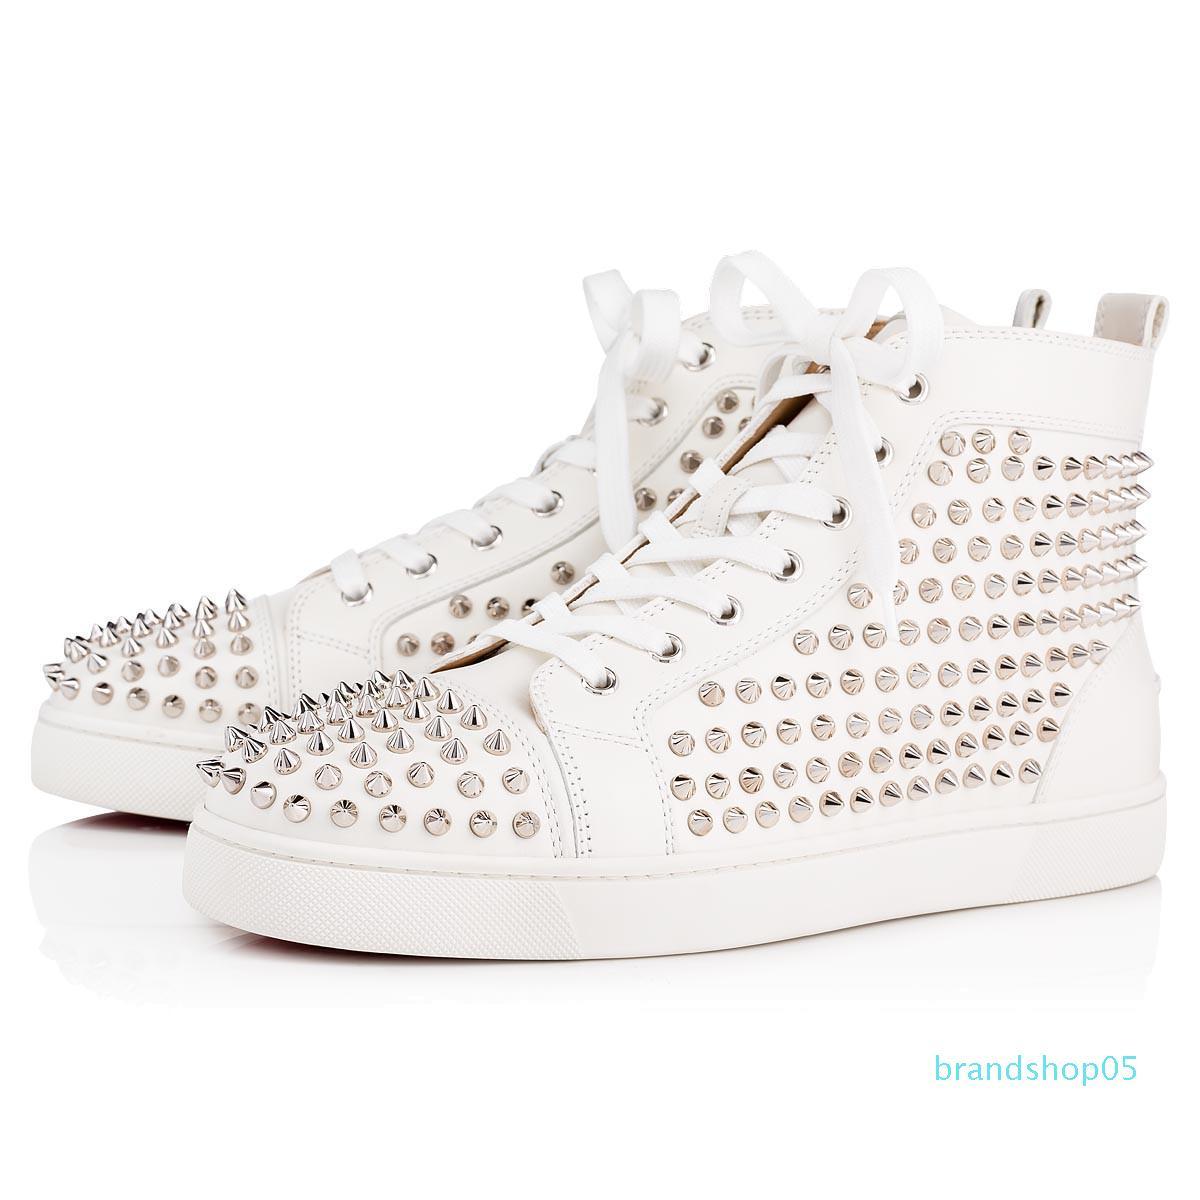 Big Size Eur36-47 Designer Shoes High Cut Red fundo de Spike Sedue bezerro Sneaker Luxo sapatos de casamento festa de couro genuíno calçados casuais 011